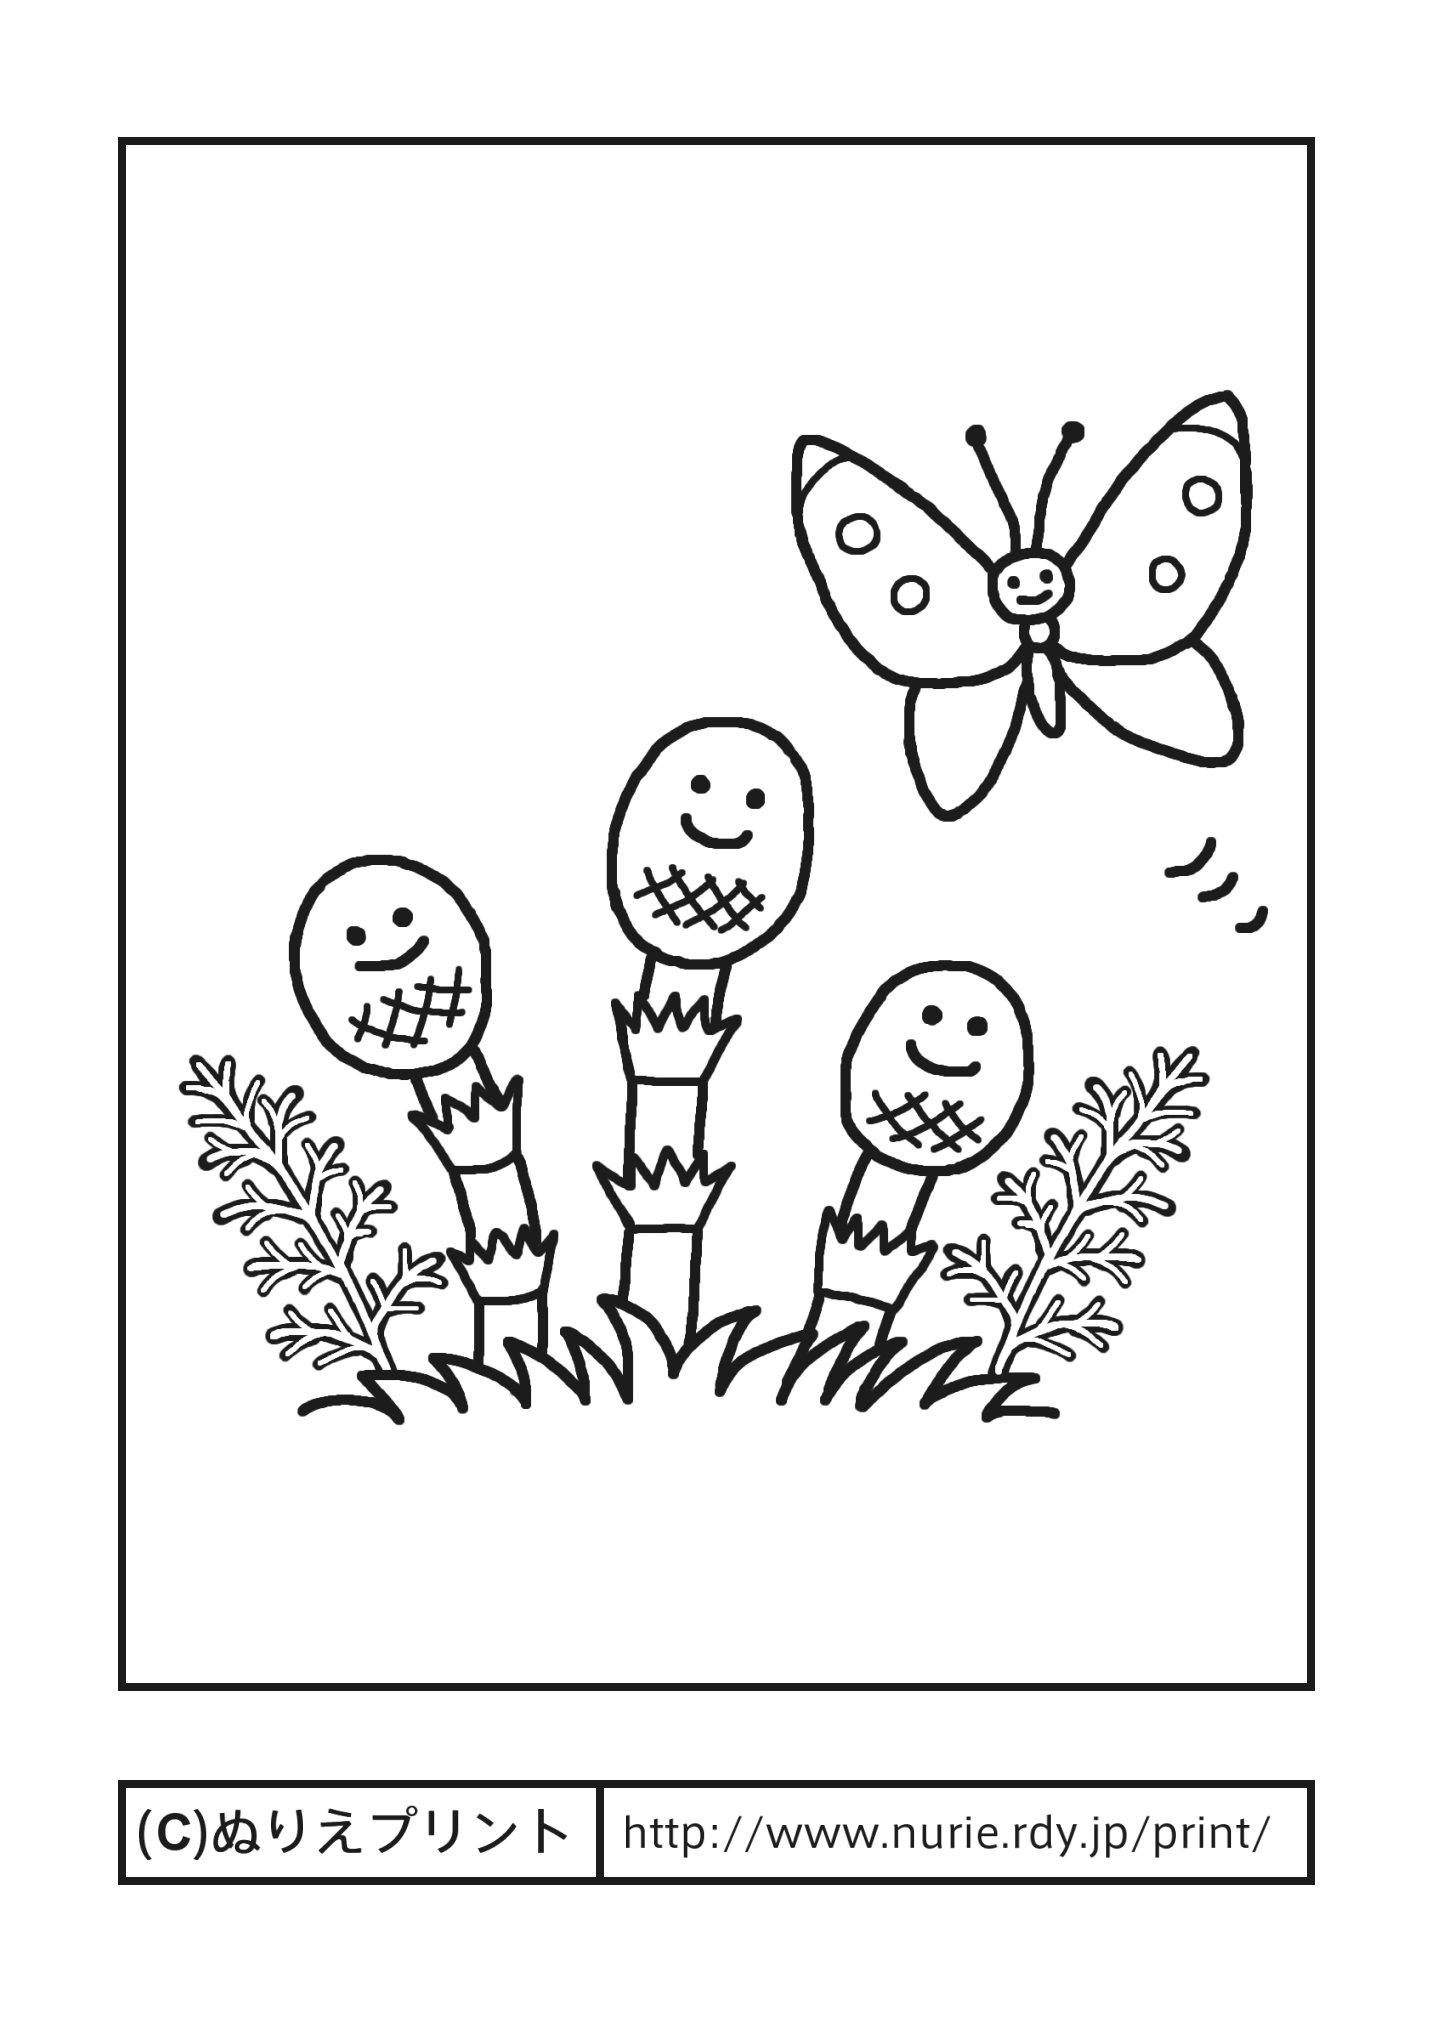 ... 季節・行事/大人の塗り絵【ぬ : 季節の塗り絵 : すべての講義